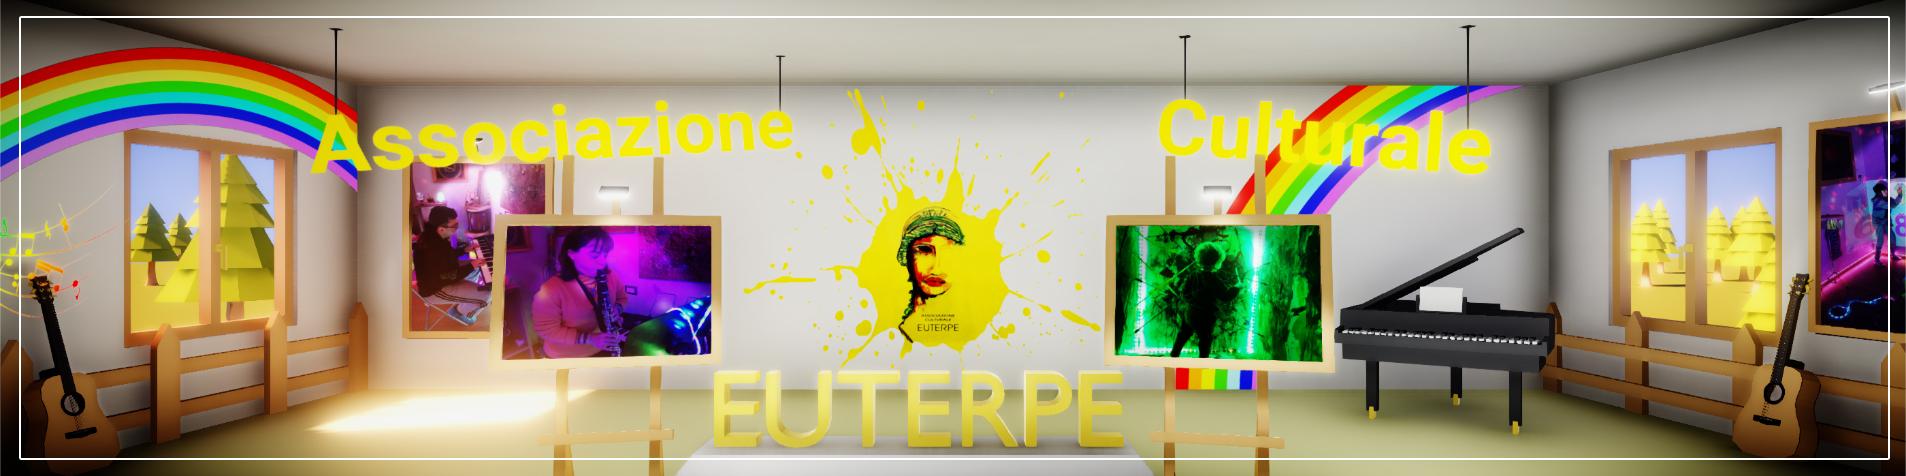 Associazione Culturale Euterpe